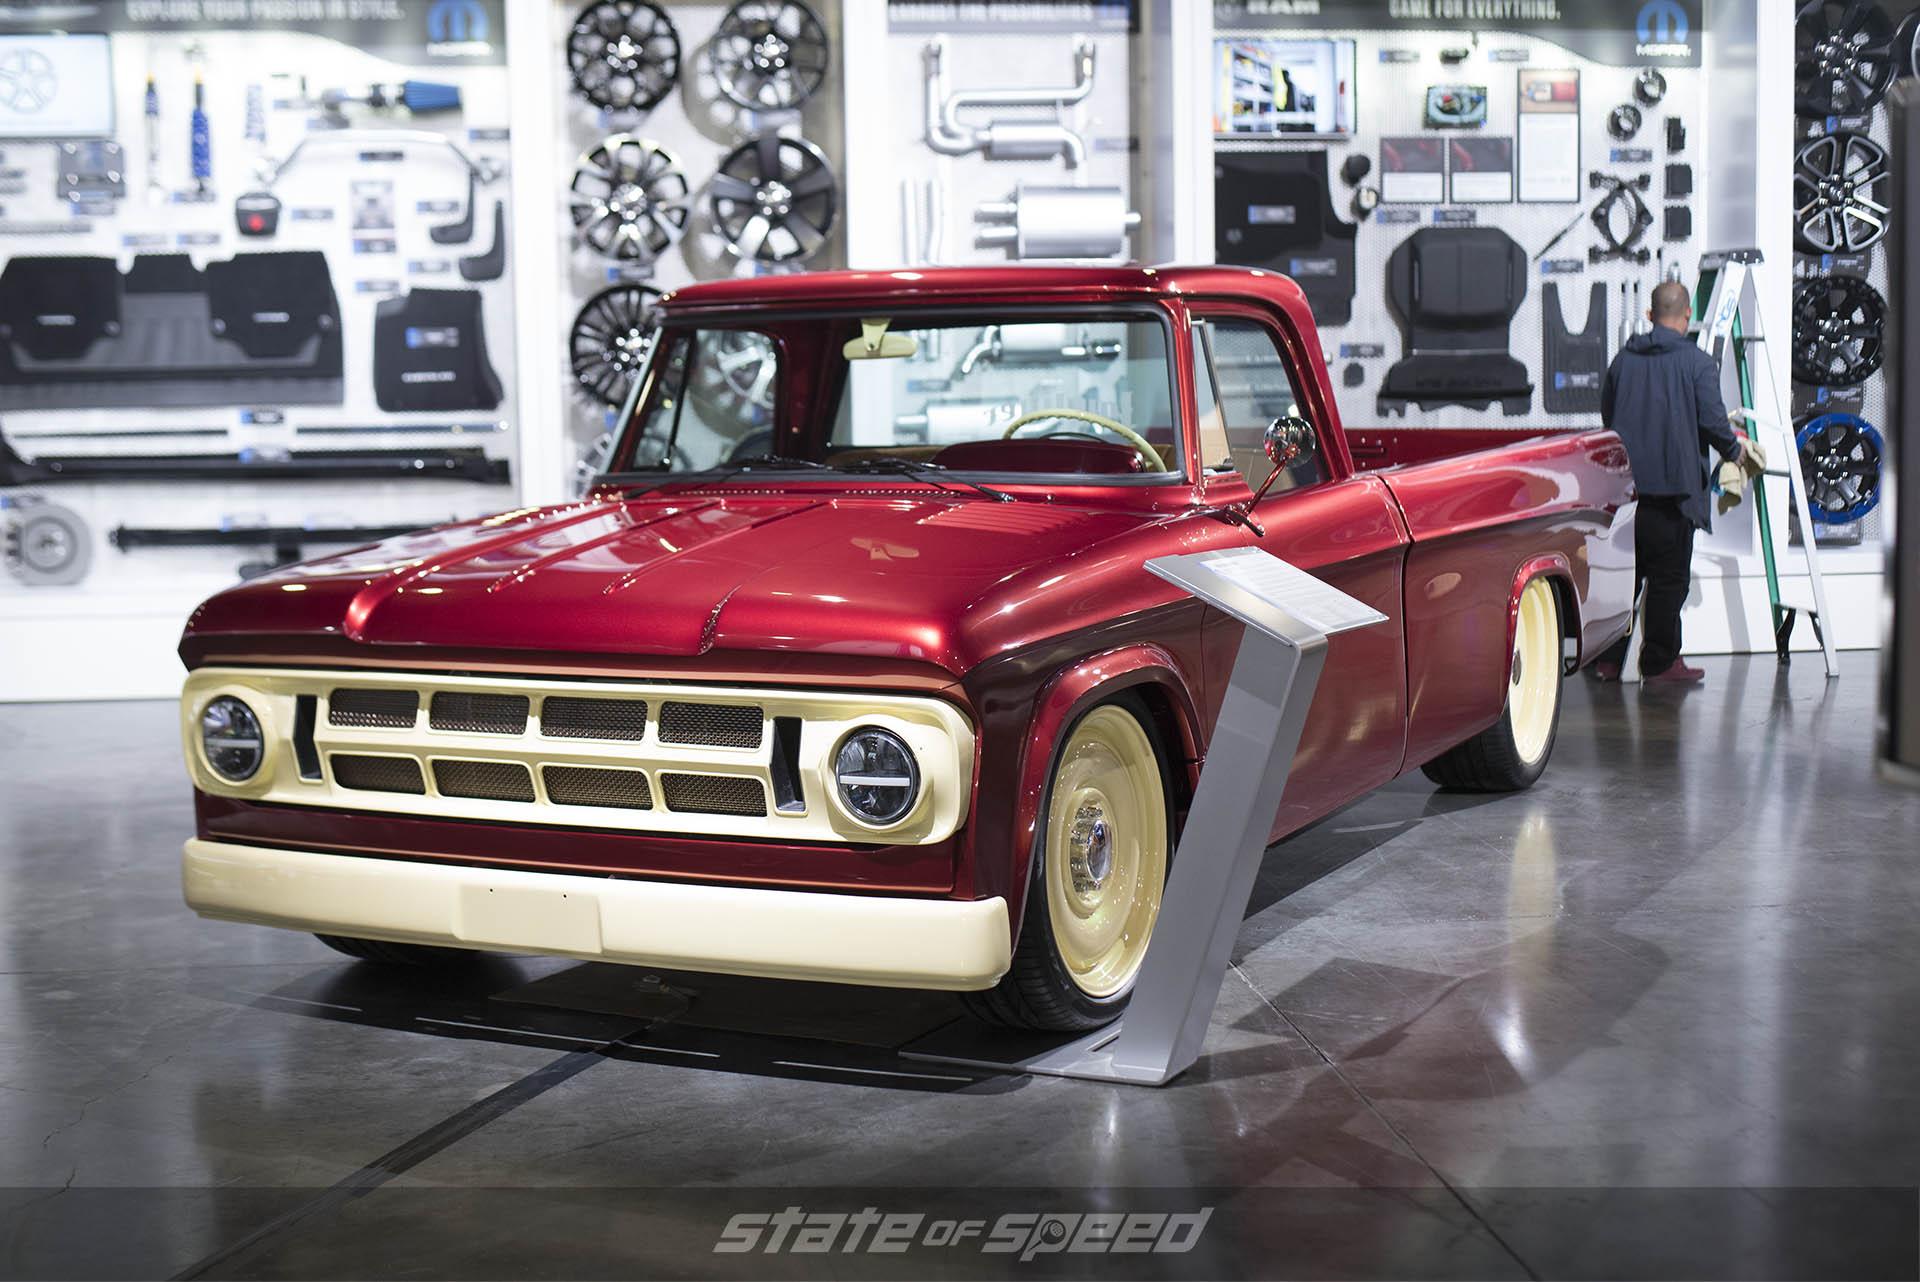 Chevy truck on the showroom floor in Vegas